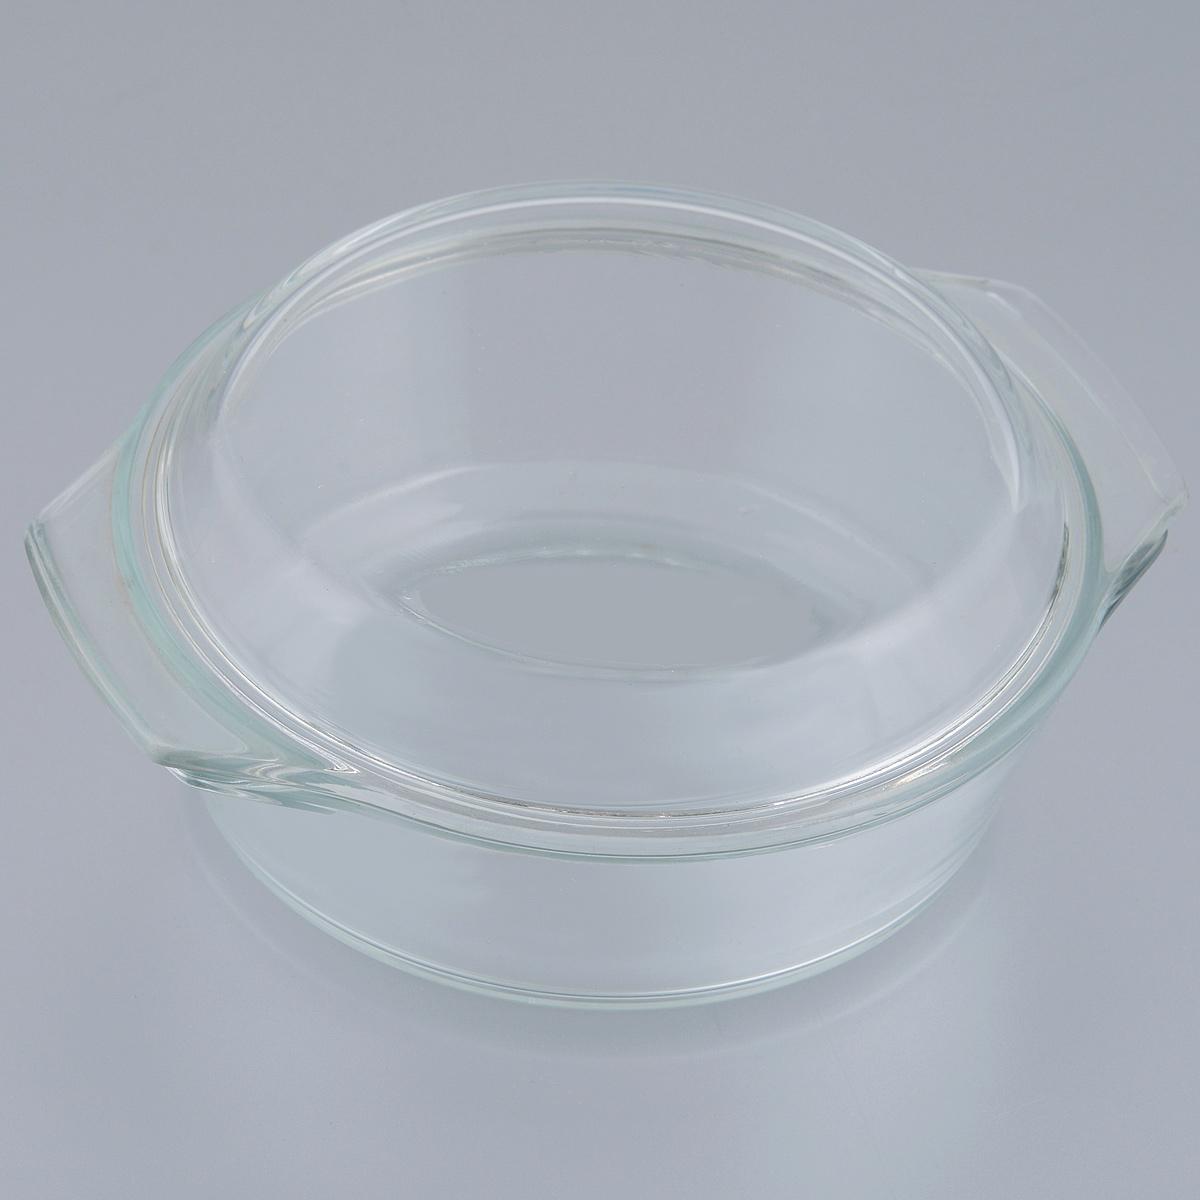 Кастрюля Appetite с крышкой, 0,7 лPL17Кастрюля Appetite изготовлена из экологически чистого жаропрочного стекла и оснащена крышкой, которую также можно использовать как отдельную емкость. Стекло - самый безопасный для здоровья материал. Посуда из стекла не вступает в реакцию с готовящейся пищей, а потому не выделяет никаких вредных веществ, не подвергается воздействию кислот и солей. Из-за невысокой теплопроводности пища в стеклянной посуде гораздо медленнее остывает. Стеклянная посуда очень удобна для приготовления, разогрева и хранения самых разнообразных блюд: супов, вторых блюд, десертов. Используя такую кастрюлю, вы можете не только приготовить в ней пищу, но и подать ее к столу, не меняя посуды. Благодаря гладкой идеально ровной поверхности посуда легко моется. Допускается нагрев посуды до 250°С.Можно использовать в микроволновой печи, духовом шкафу. Можно использовать для хранения в холодильнике и морозильной камере. Можно мыть в посудомоечной машине. Высота стенок кастрюли: 5,5 см. Высота кастрюли (с учетом крышки): 7,7 см. Ширина кастрюли (с учетом ручек): 17,7 см. Толщина стенок: 5 мм.Толщина дна: 5 мм.